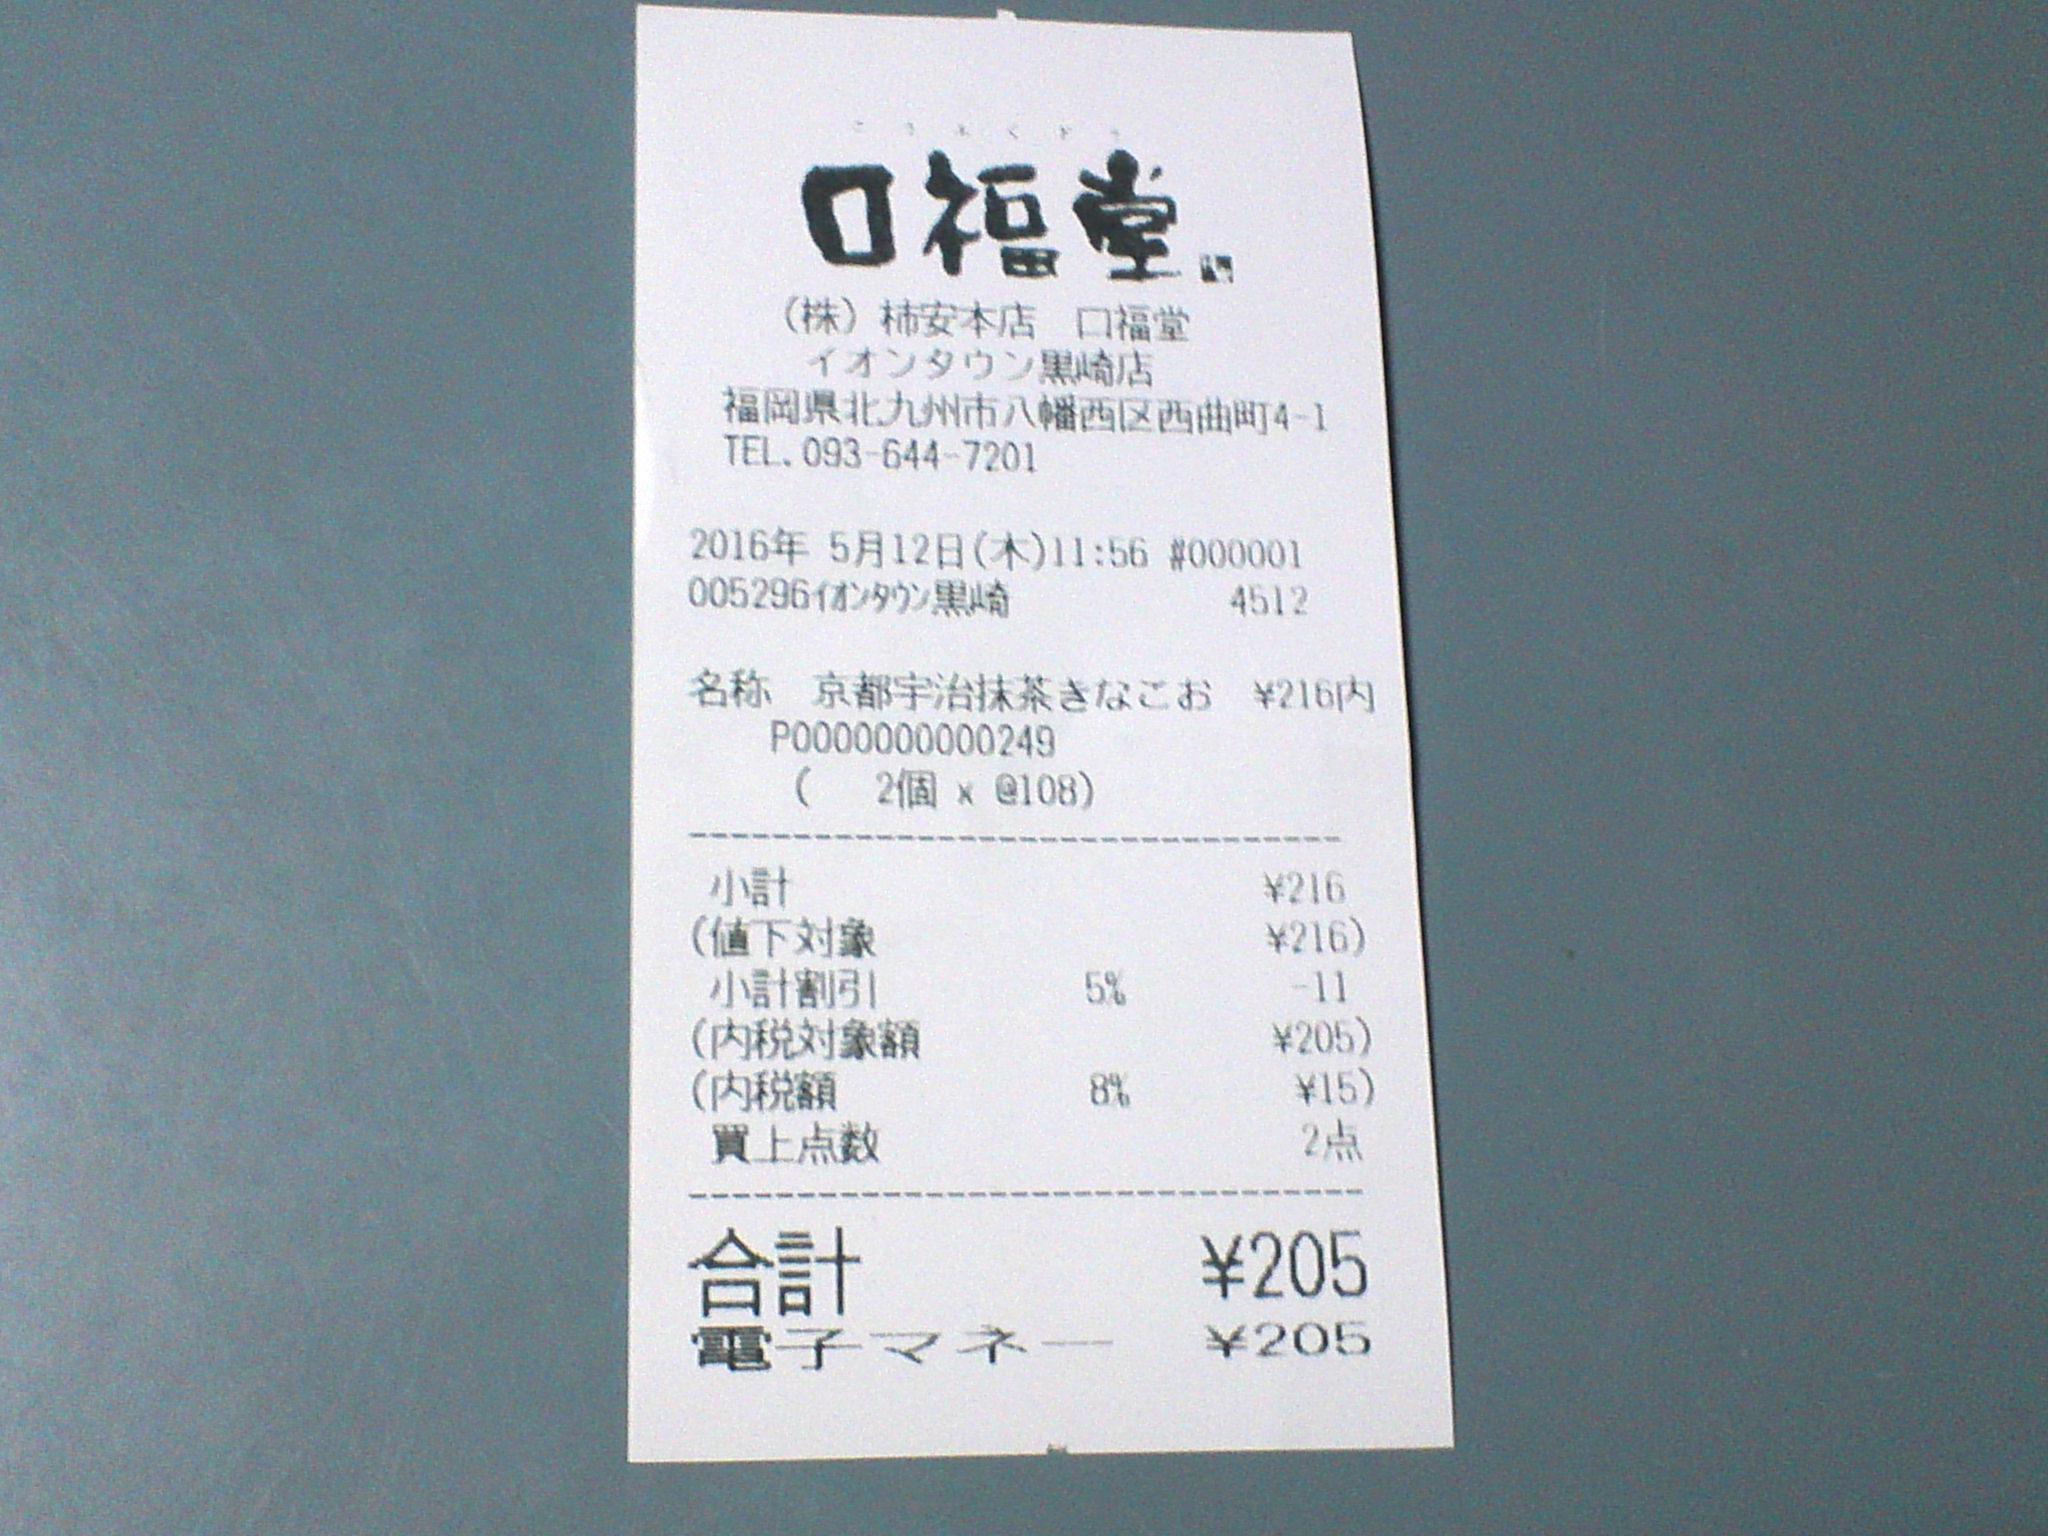 柿安口福堂 イオンタウン黒崎店